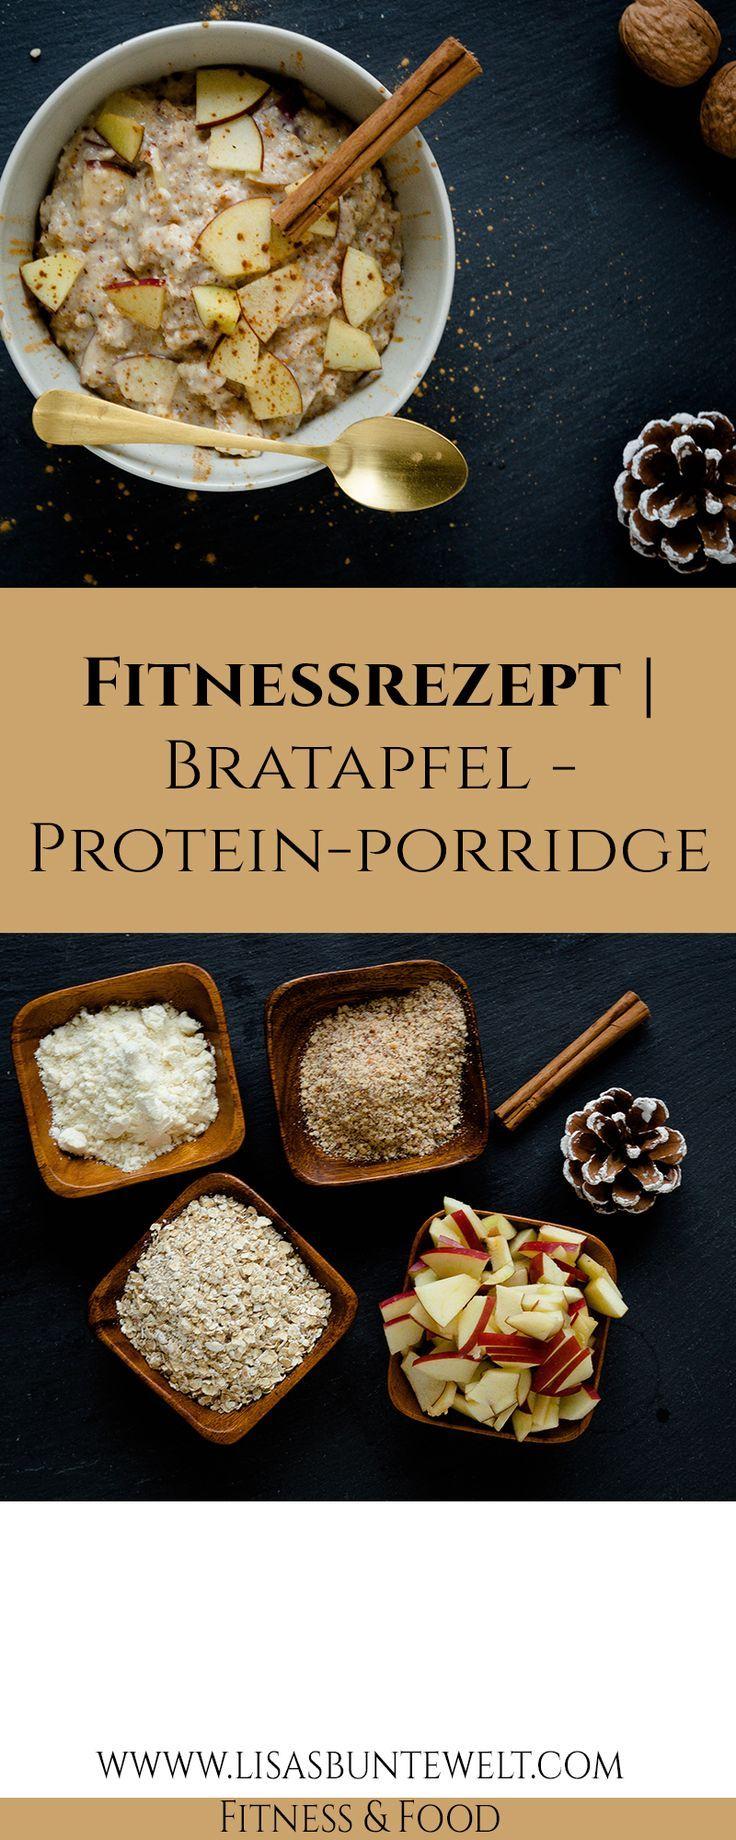 Perfektes Winterfrühstück für kalte Tage – Baked Apple Protein Porridge …   – Frühstück |Inspirationen & Rezepte für die wichtigste Mahlzeit des Tages